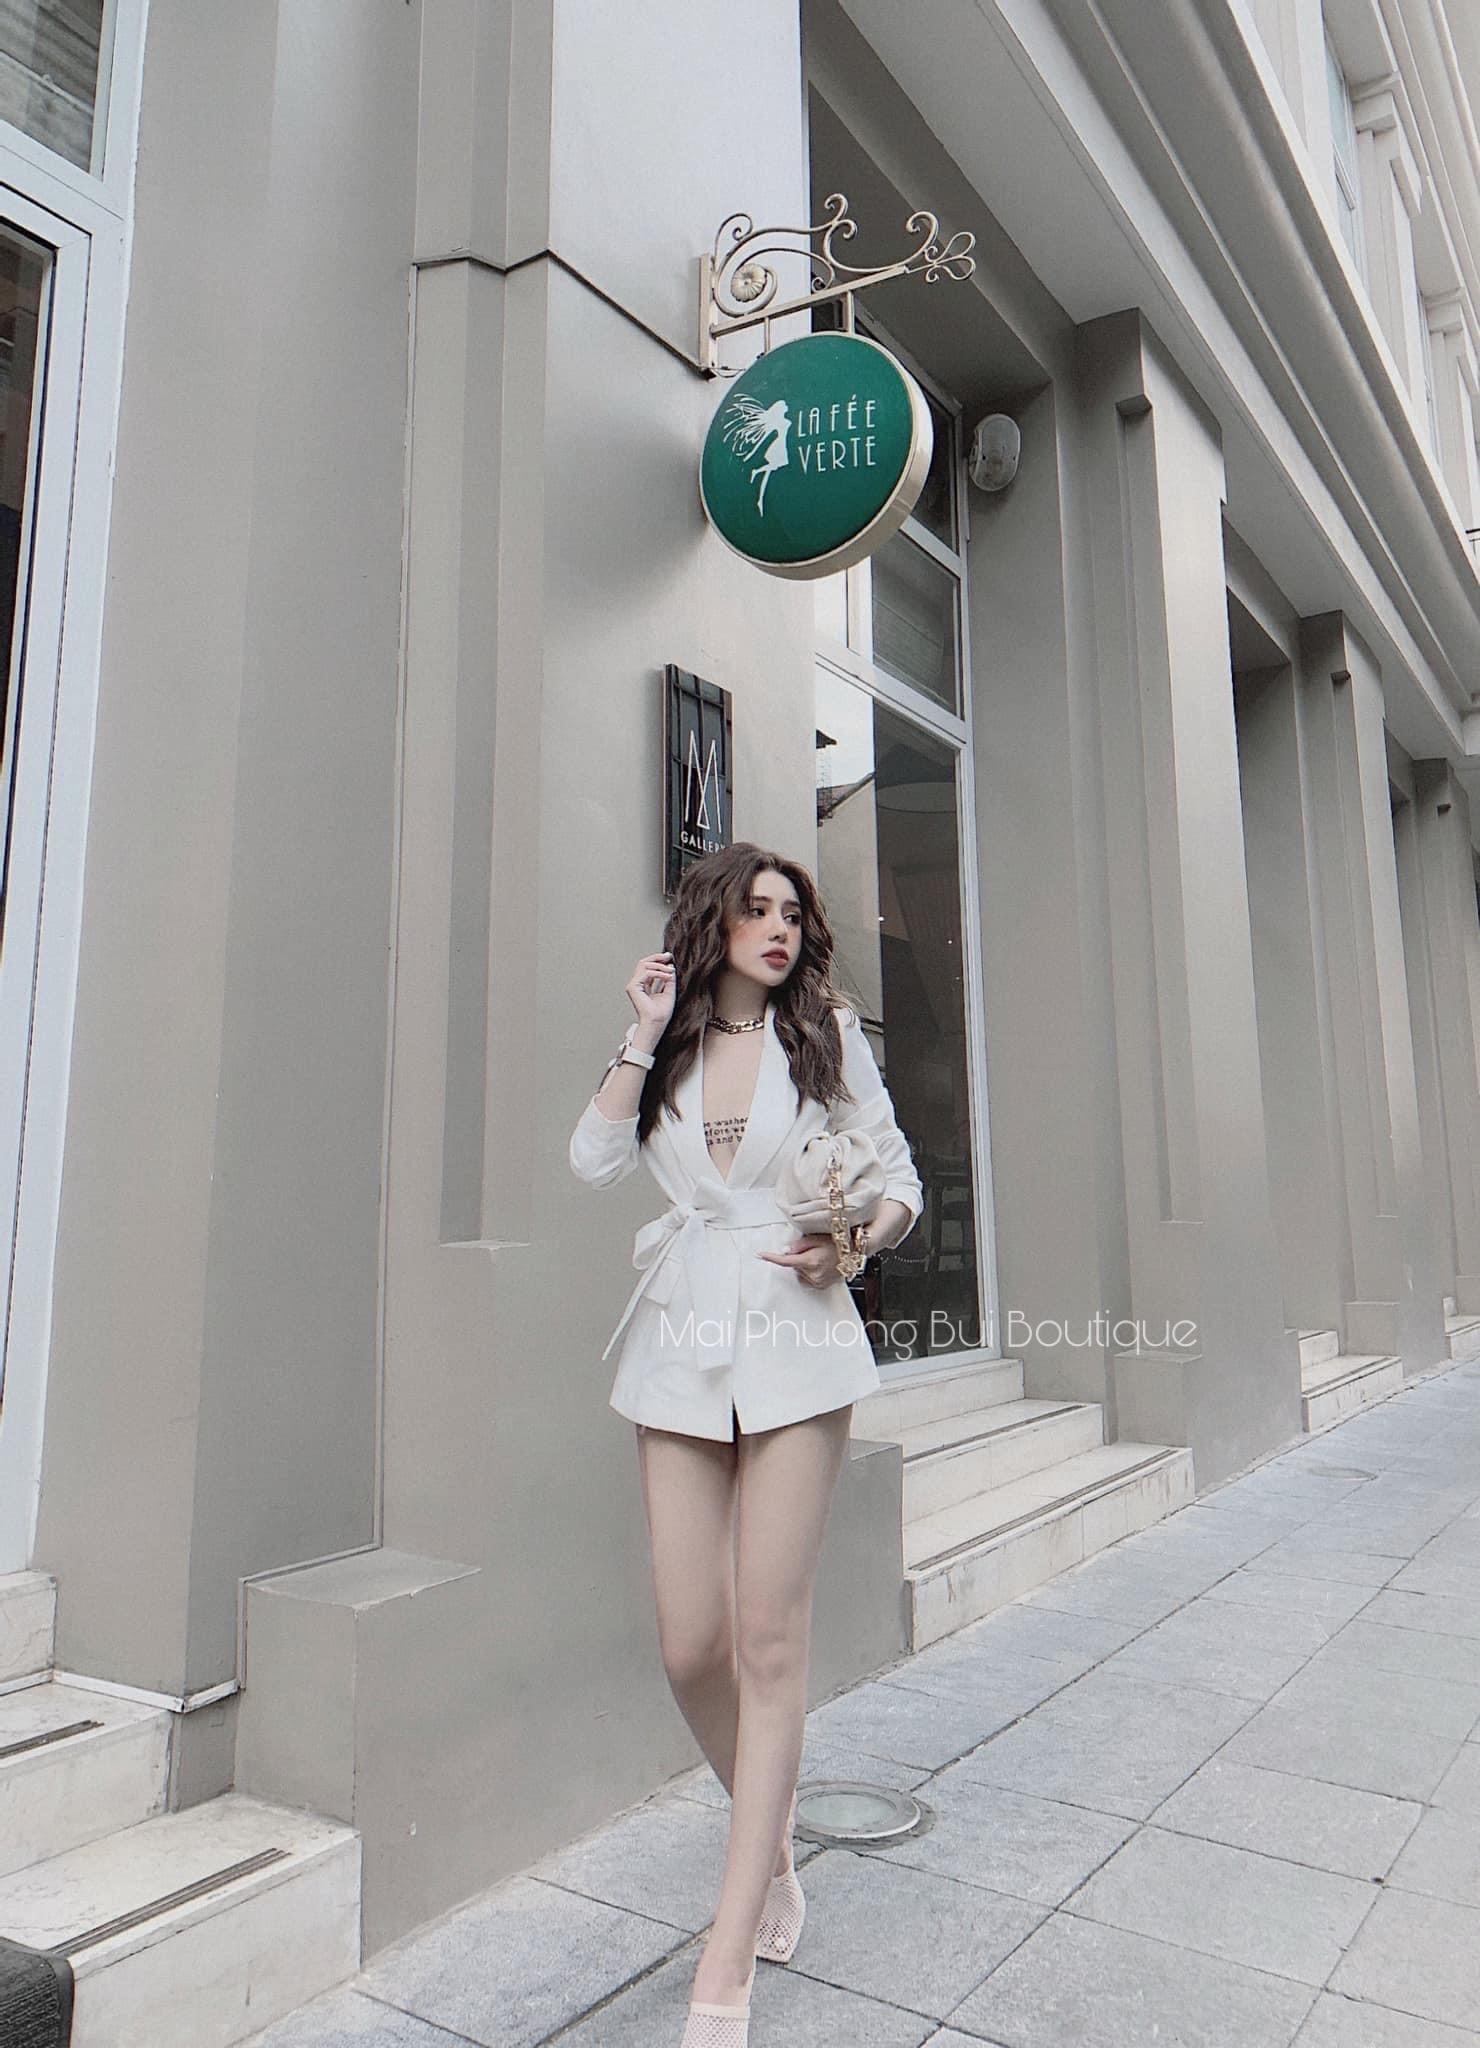 Mai Phương Bùi Boutique nổi bật trong  phong cách thời trang của giới trẻ - Ảnh 5